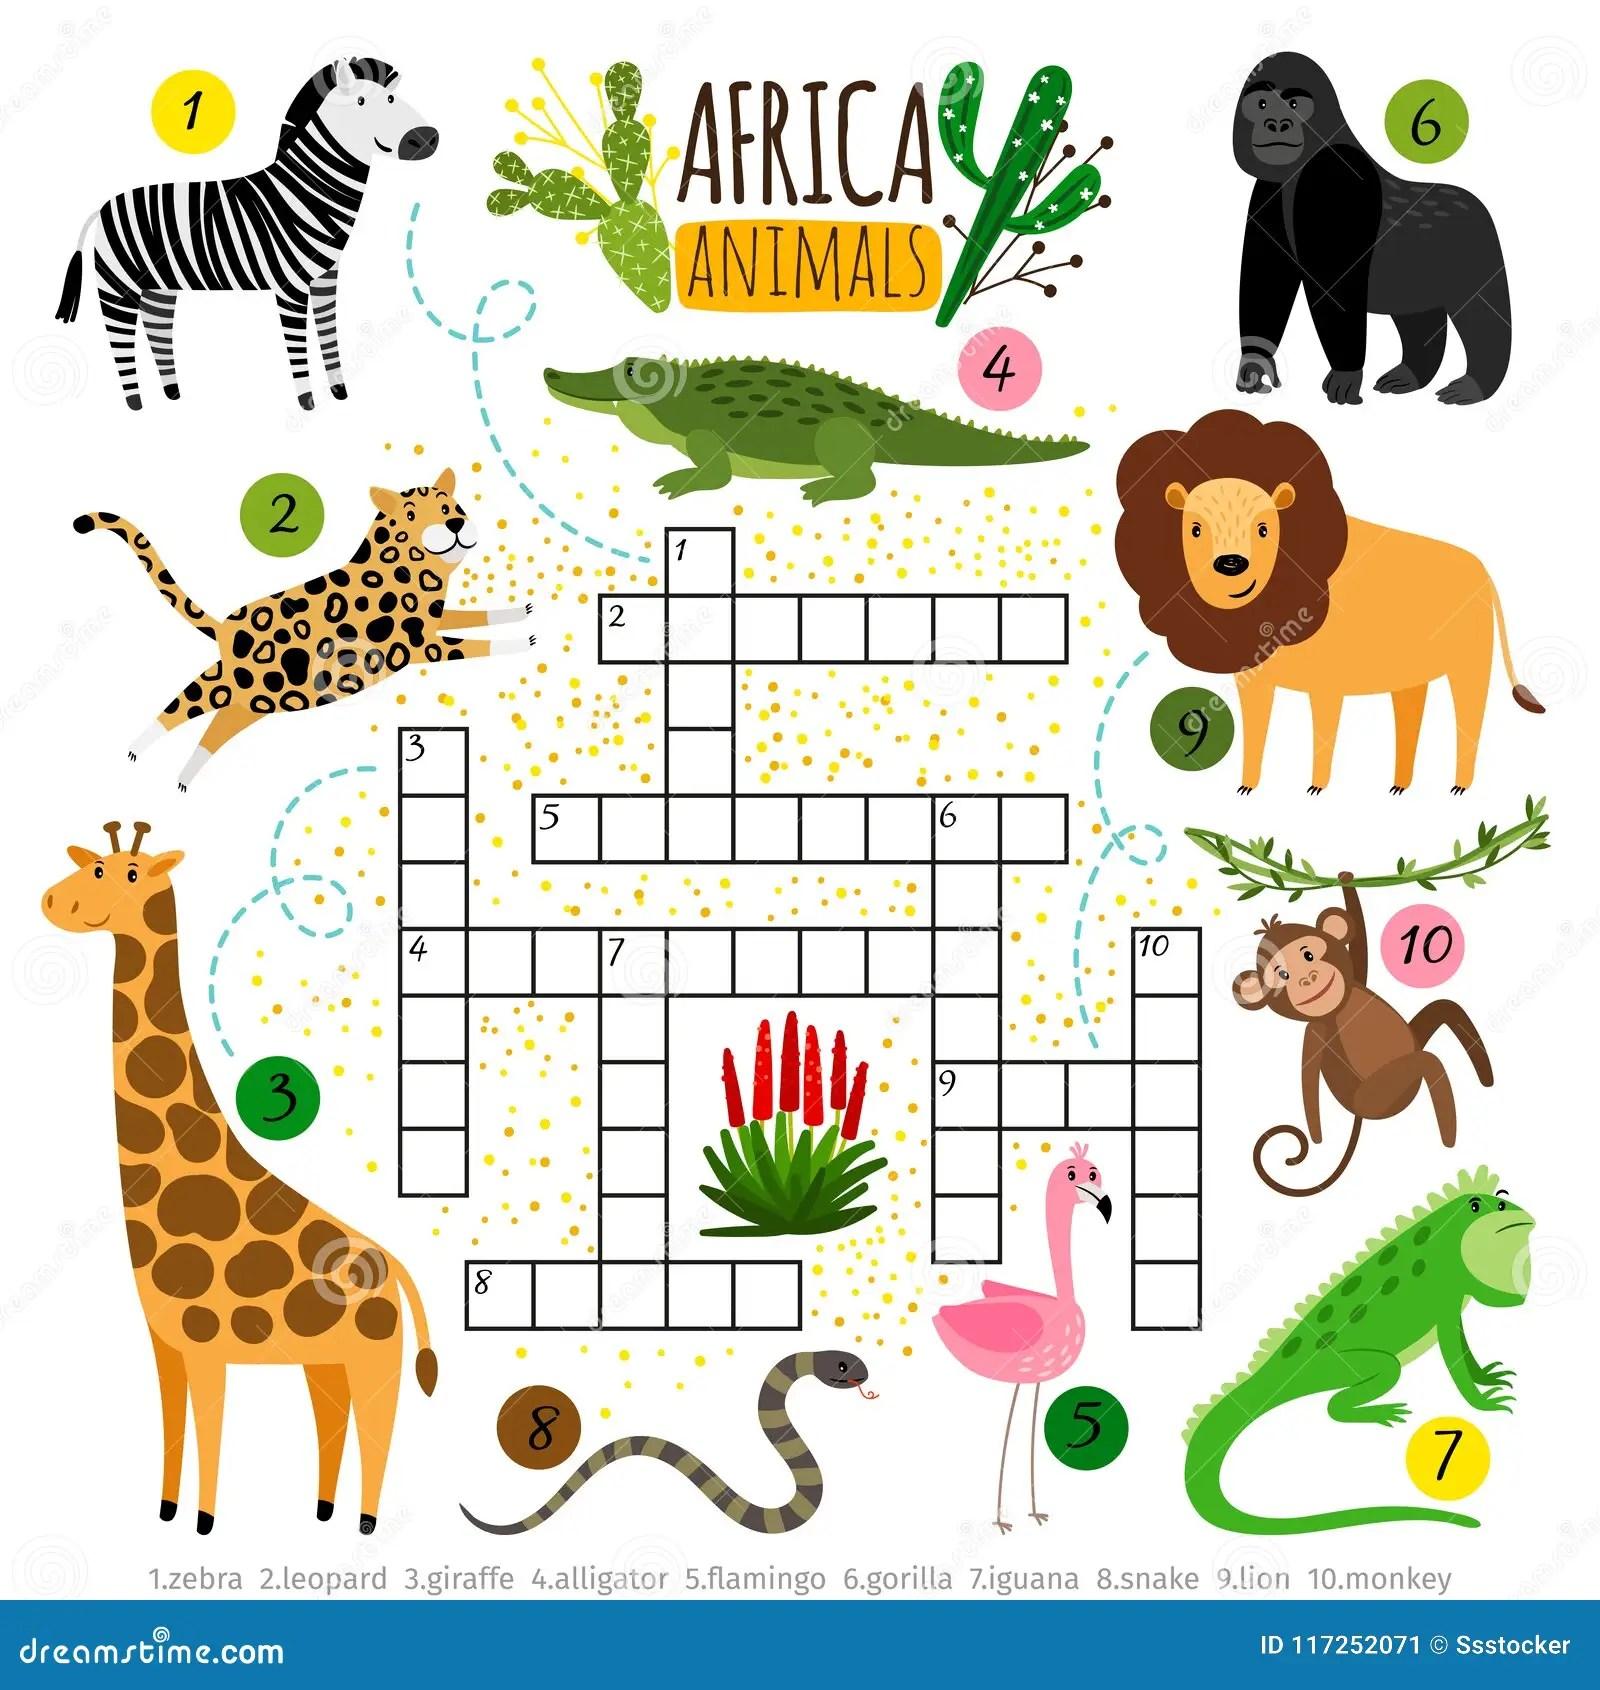 Crossword Africa Animals Kids Zoo African Crossword For